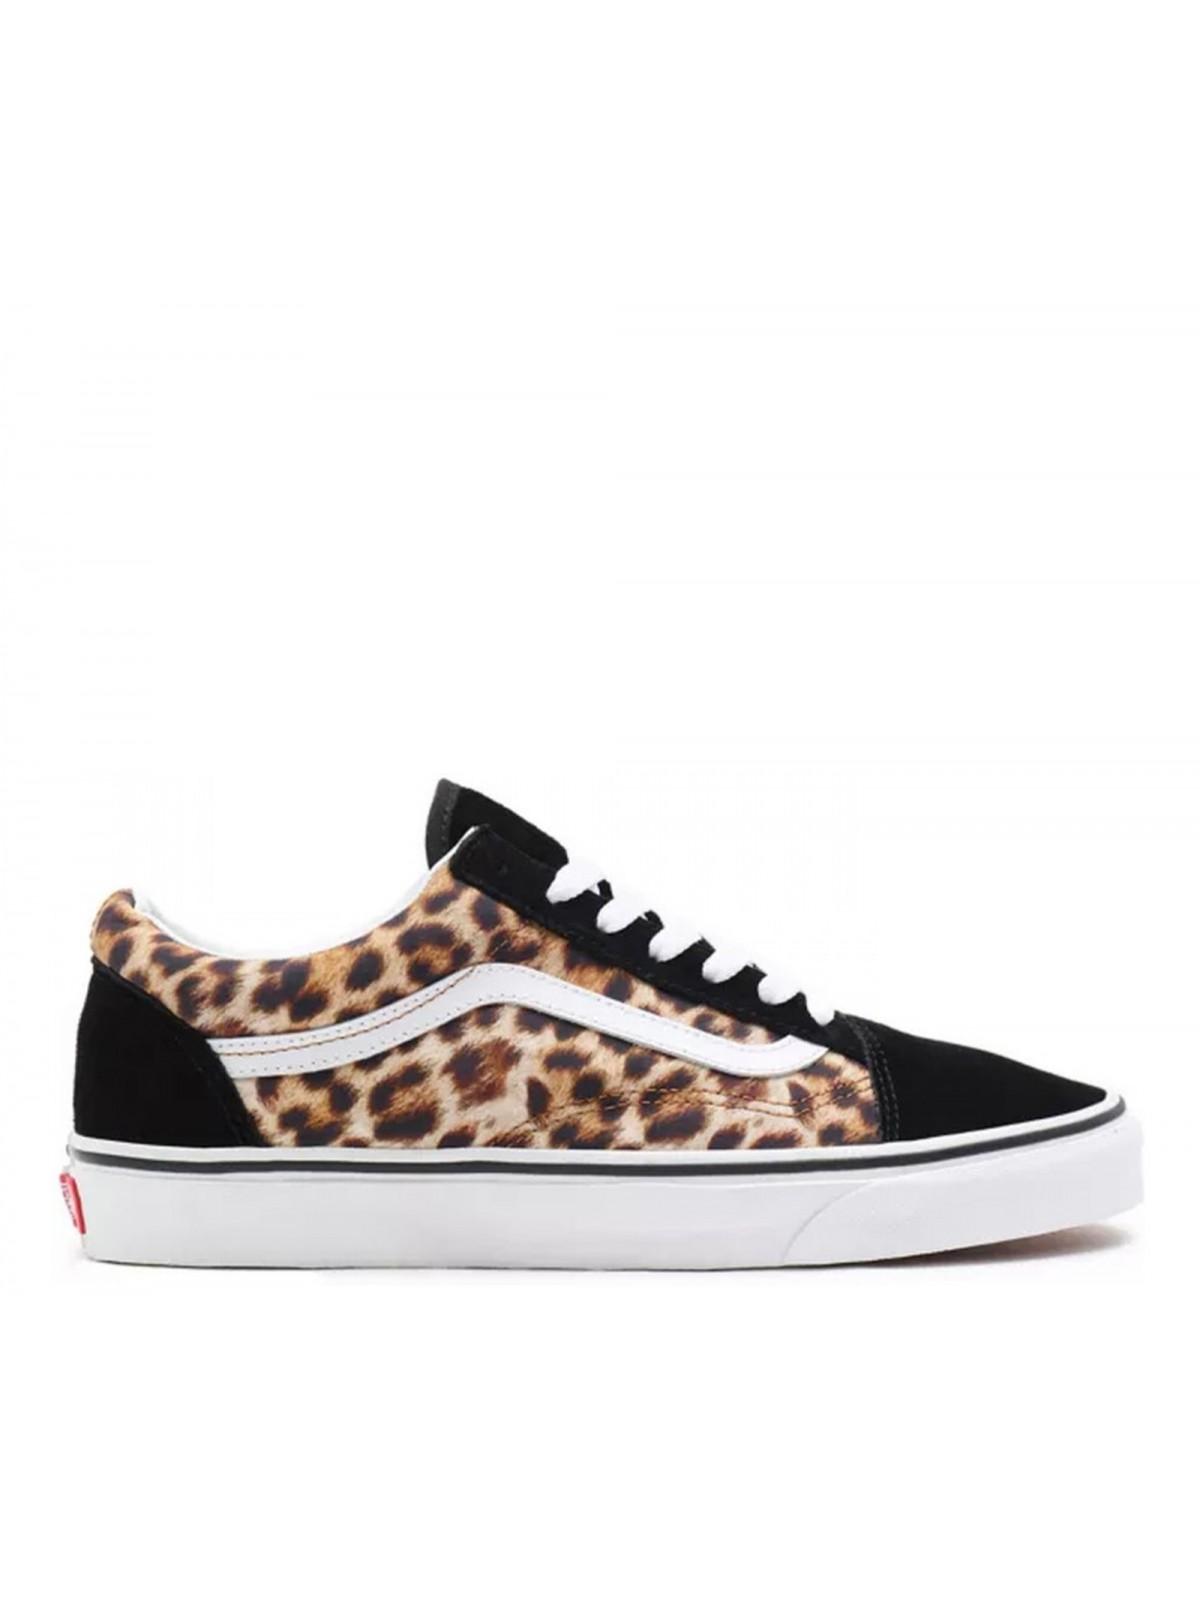 Vans Old Skoooool leopard